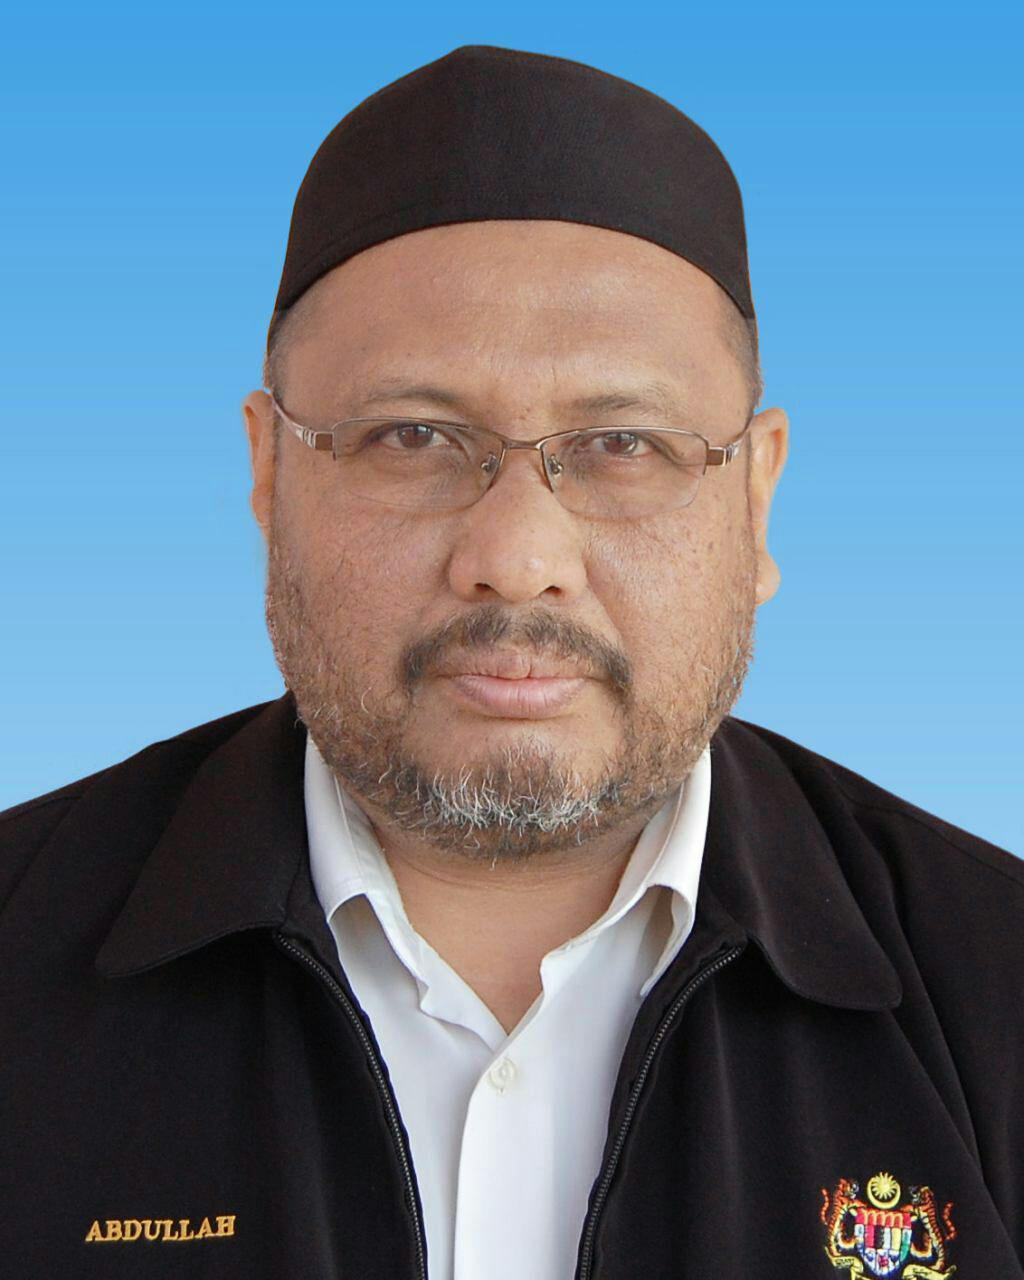 TN HJ ABDULLAH B AWANG AHMAD